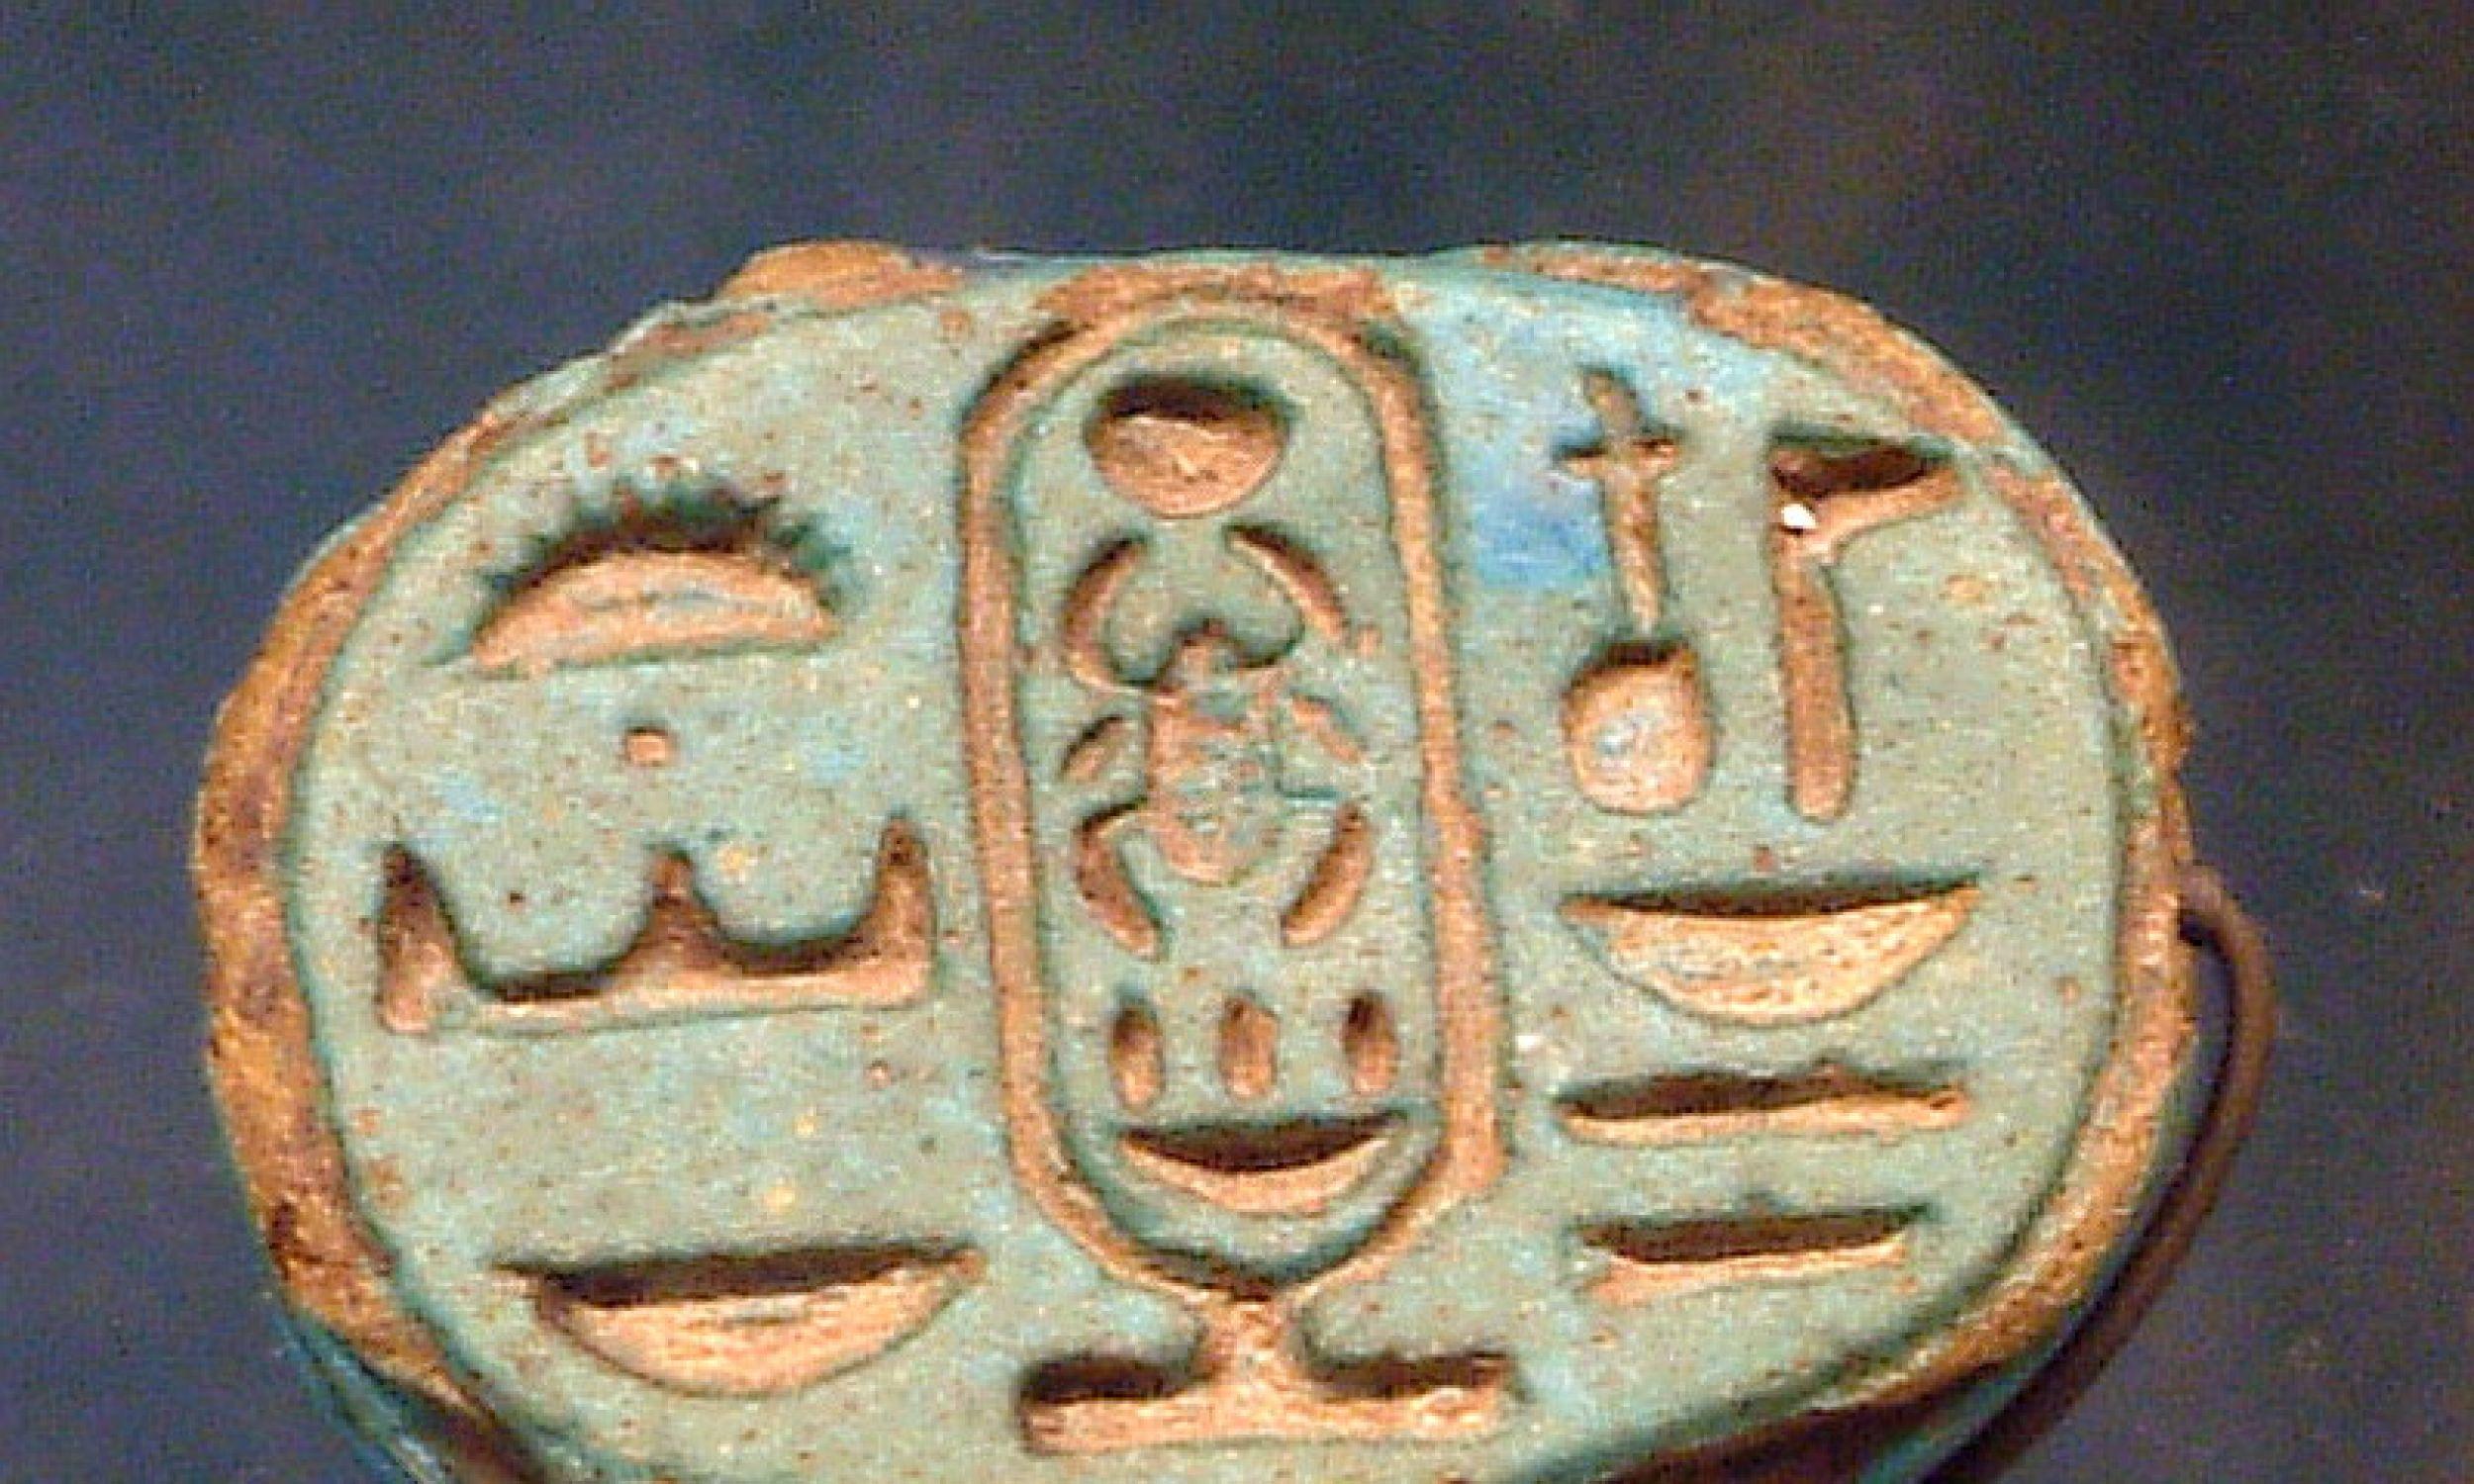 Sygnet z imieniem Tutanchamona - egipskie antyki z Luwru. Fot Wikimedia/Borislav/Guillaume Blanchard, CC BY-SA 1.0